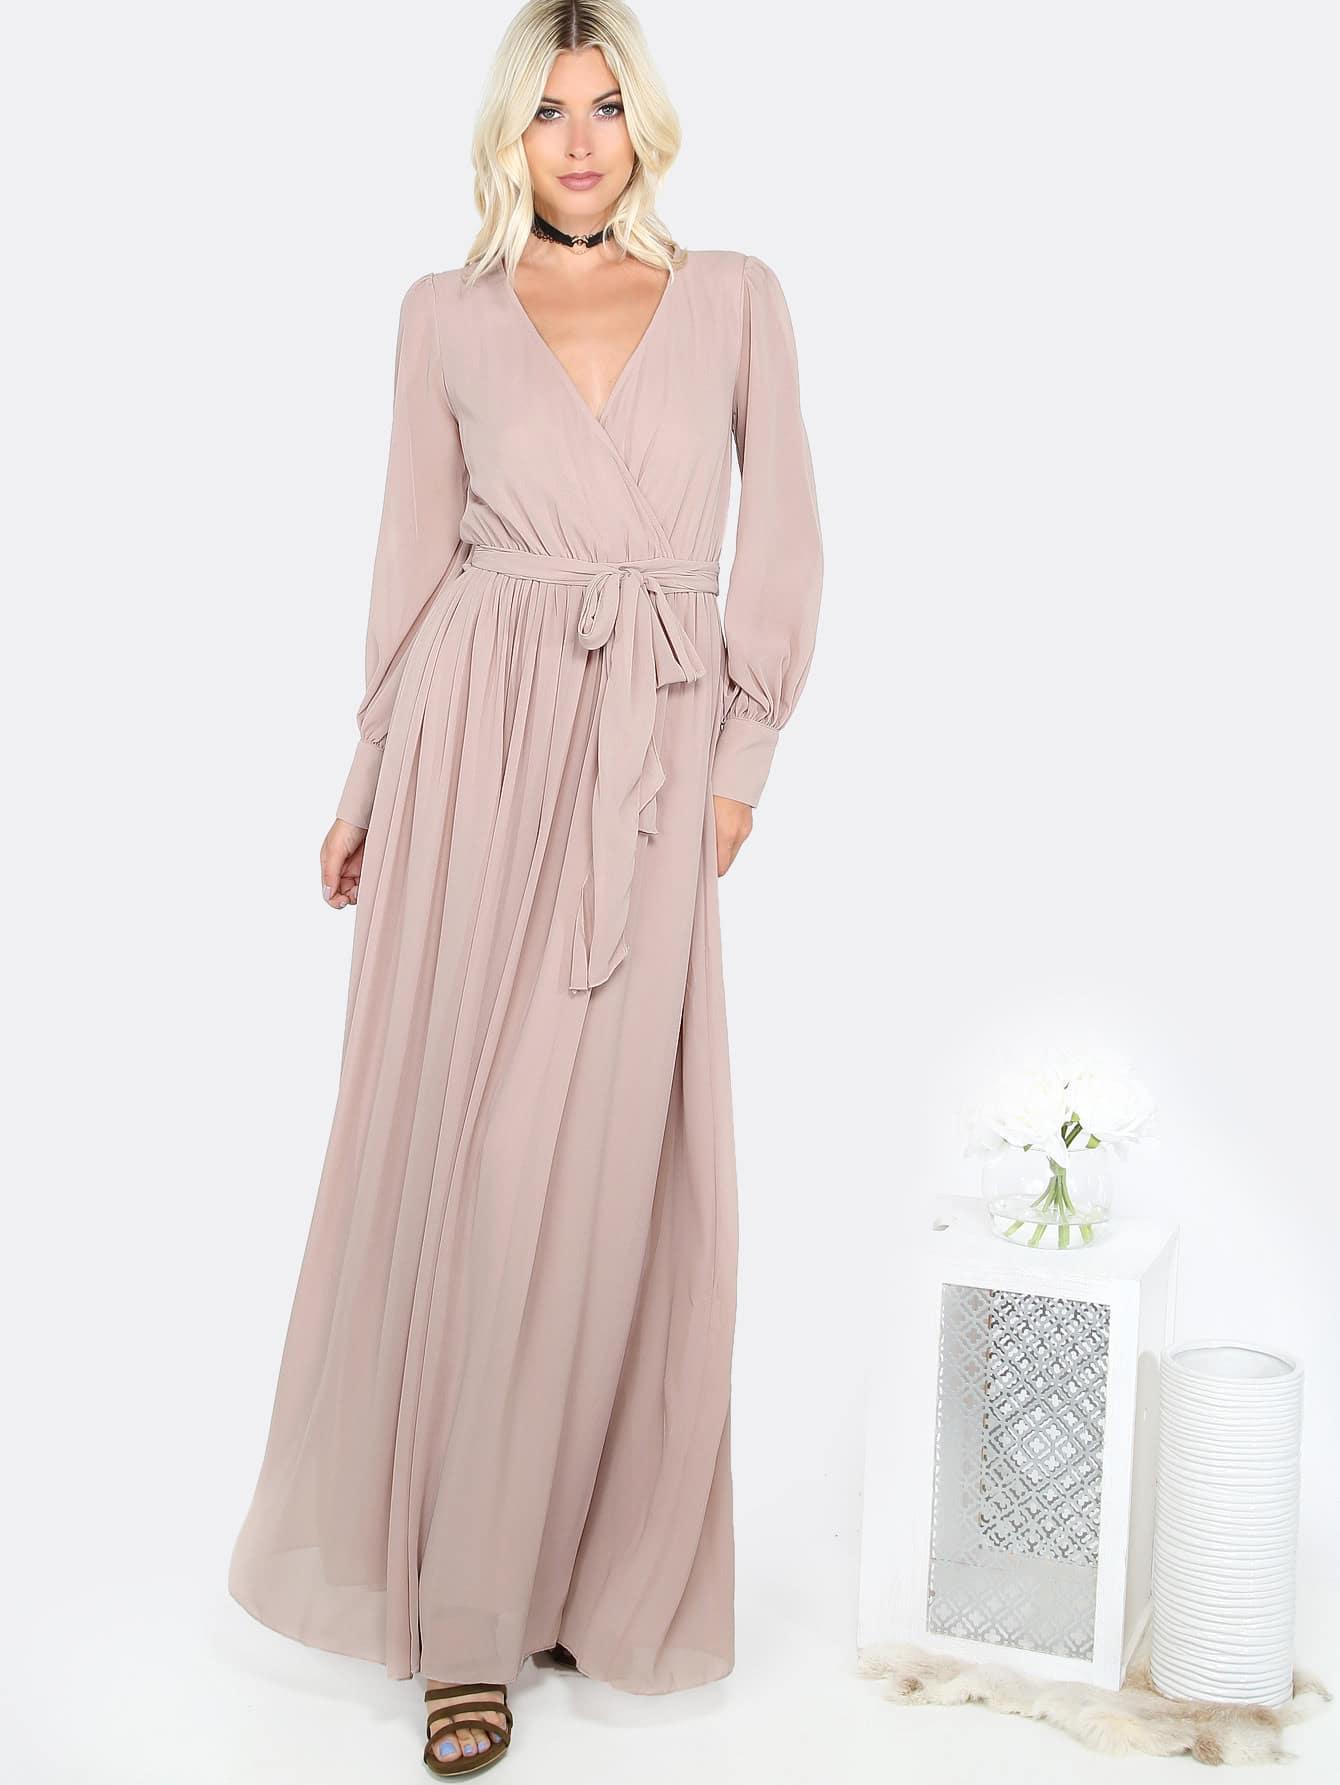 dress161123599_2